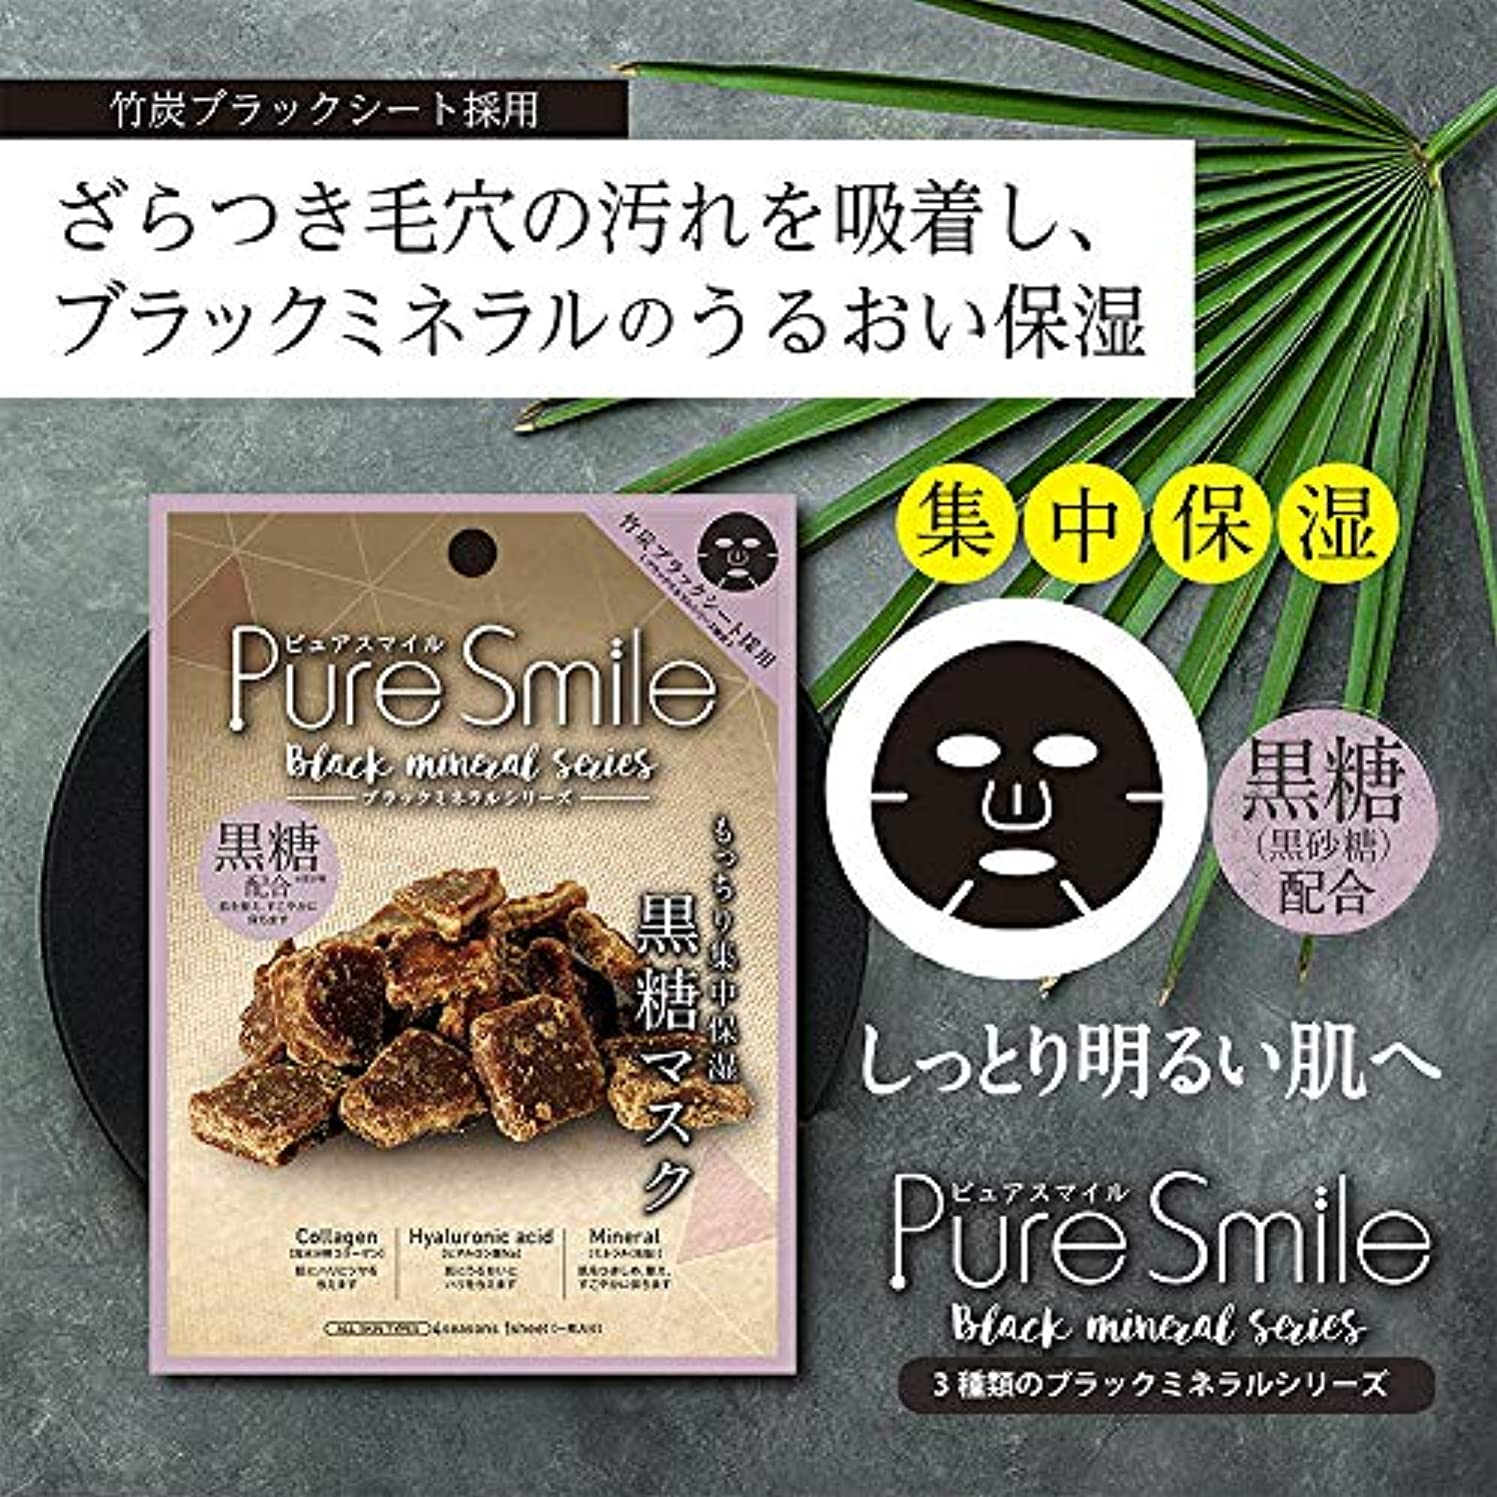 引き金かすれた仕立て屋Pure Smile(ピュアスマイル) エッセンスマスク 『ブラックミネラルシリーズ』 (黒糖) フェイスマスク パック